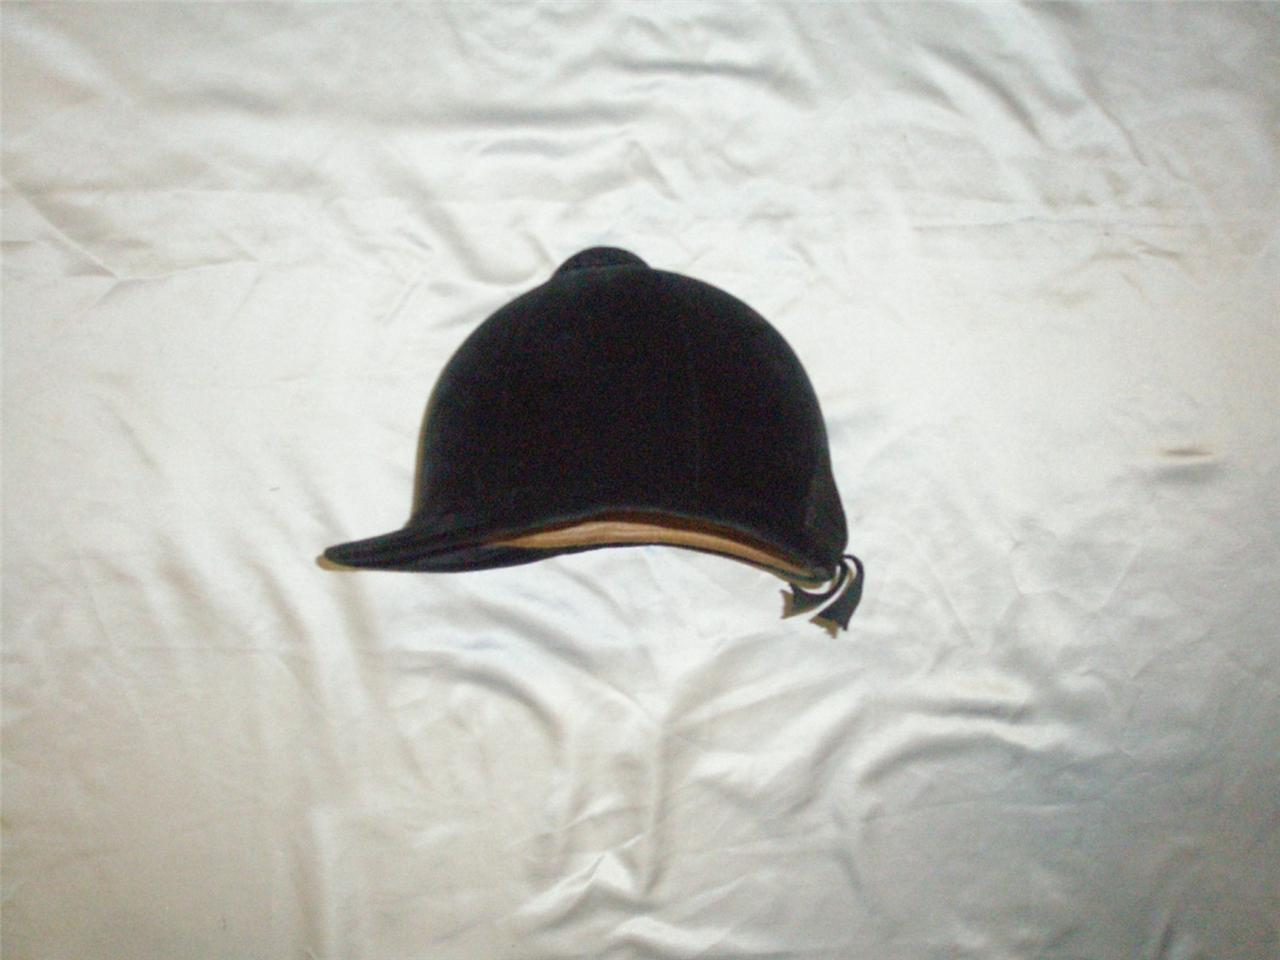 Excelente Vintage Negra De Equitación Sombrero 6 5 8 por Lock & Co London